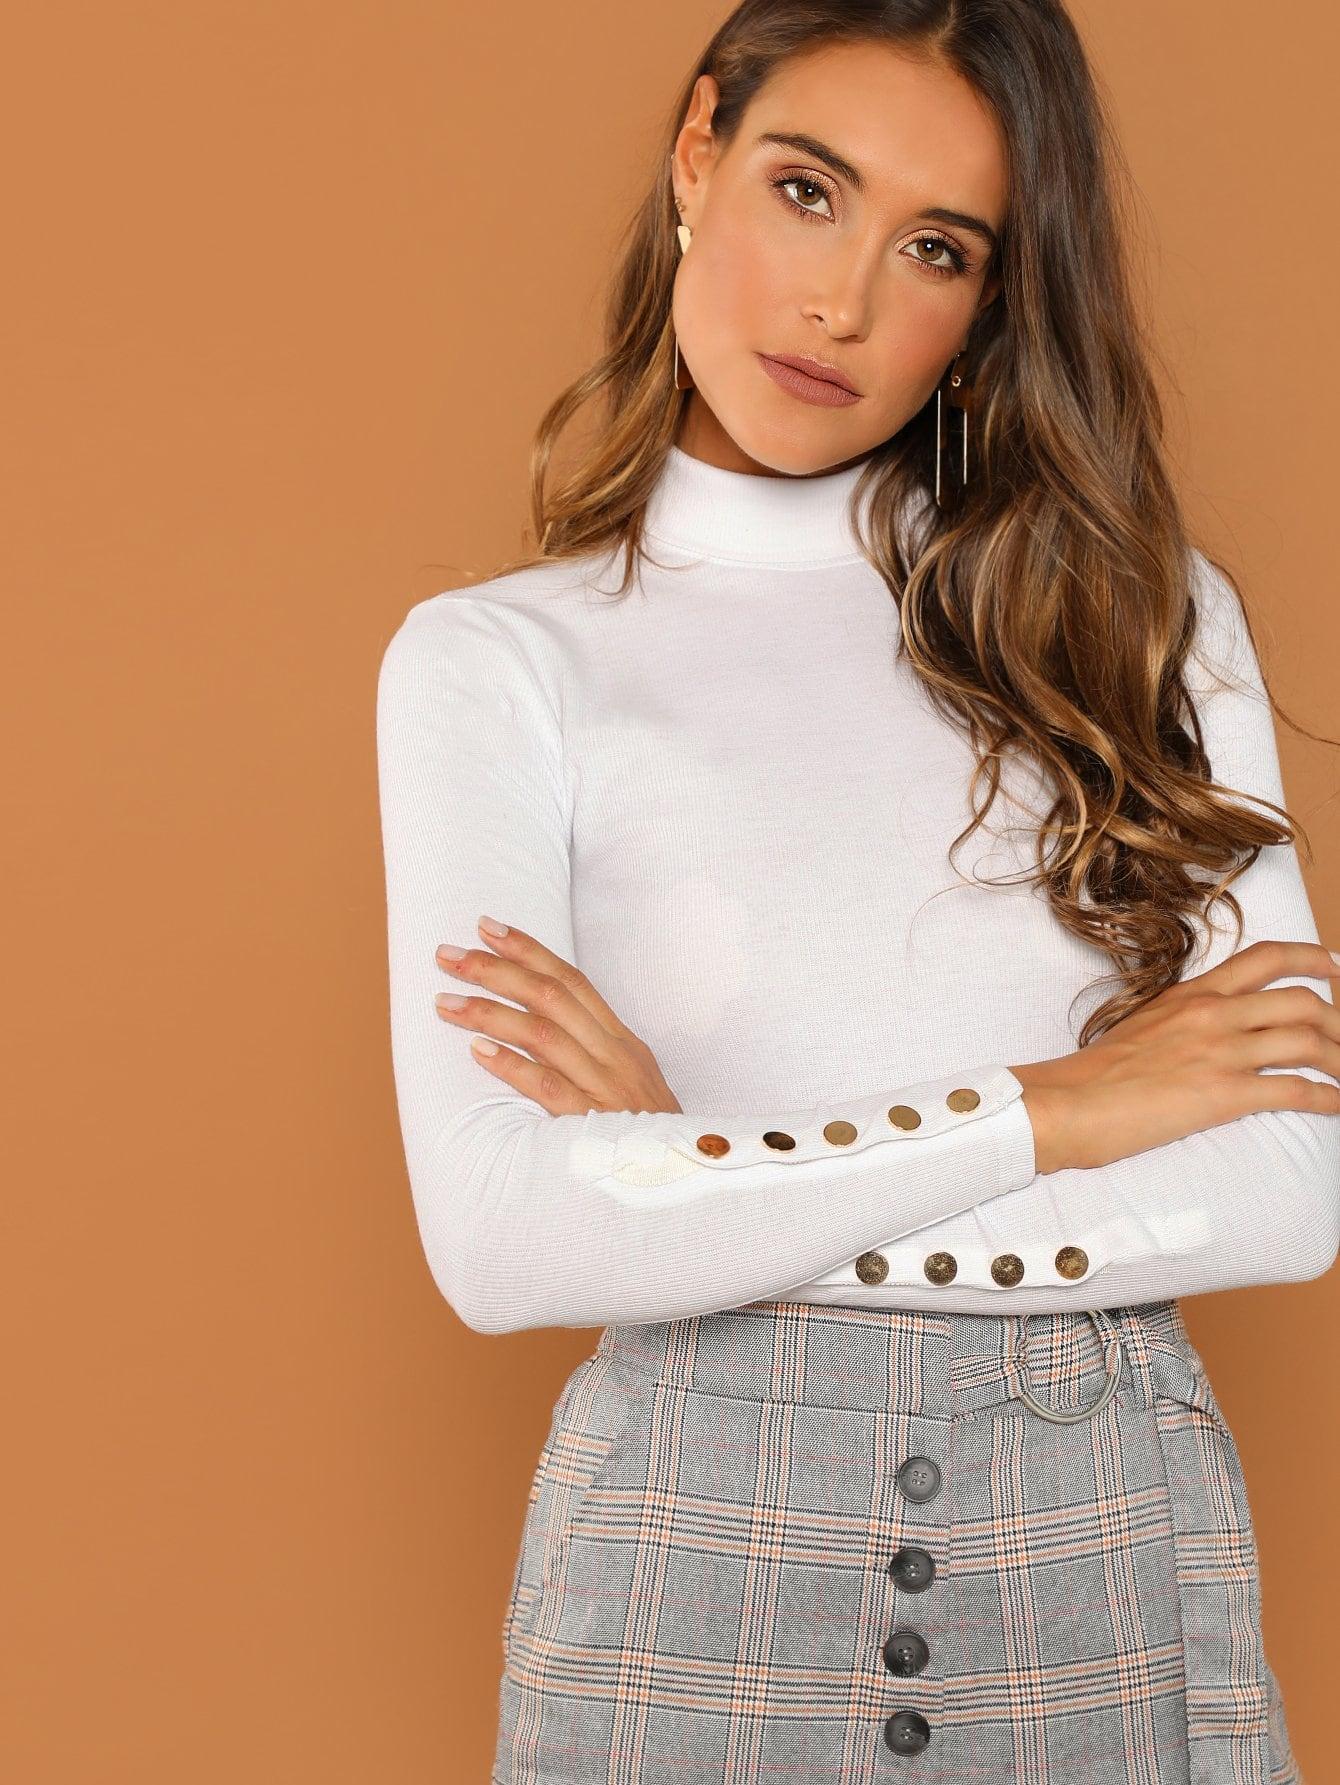 Купить Облегающая футболка с пукавичнами рукавами, Anna Herrin, SheIn